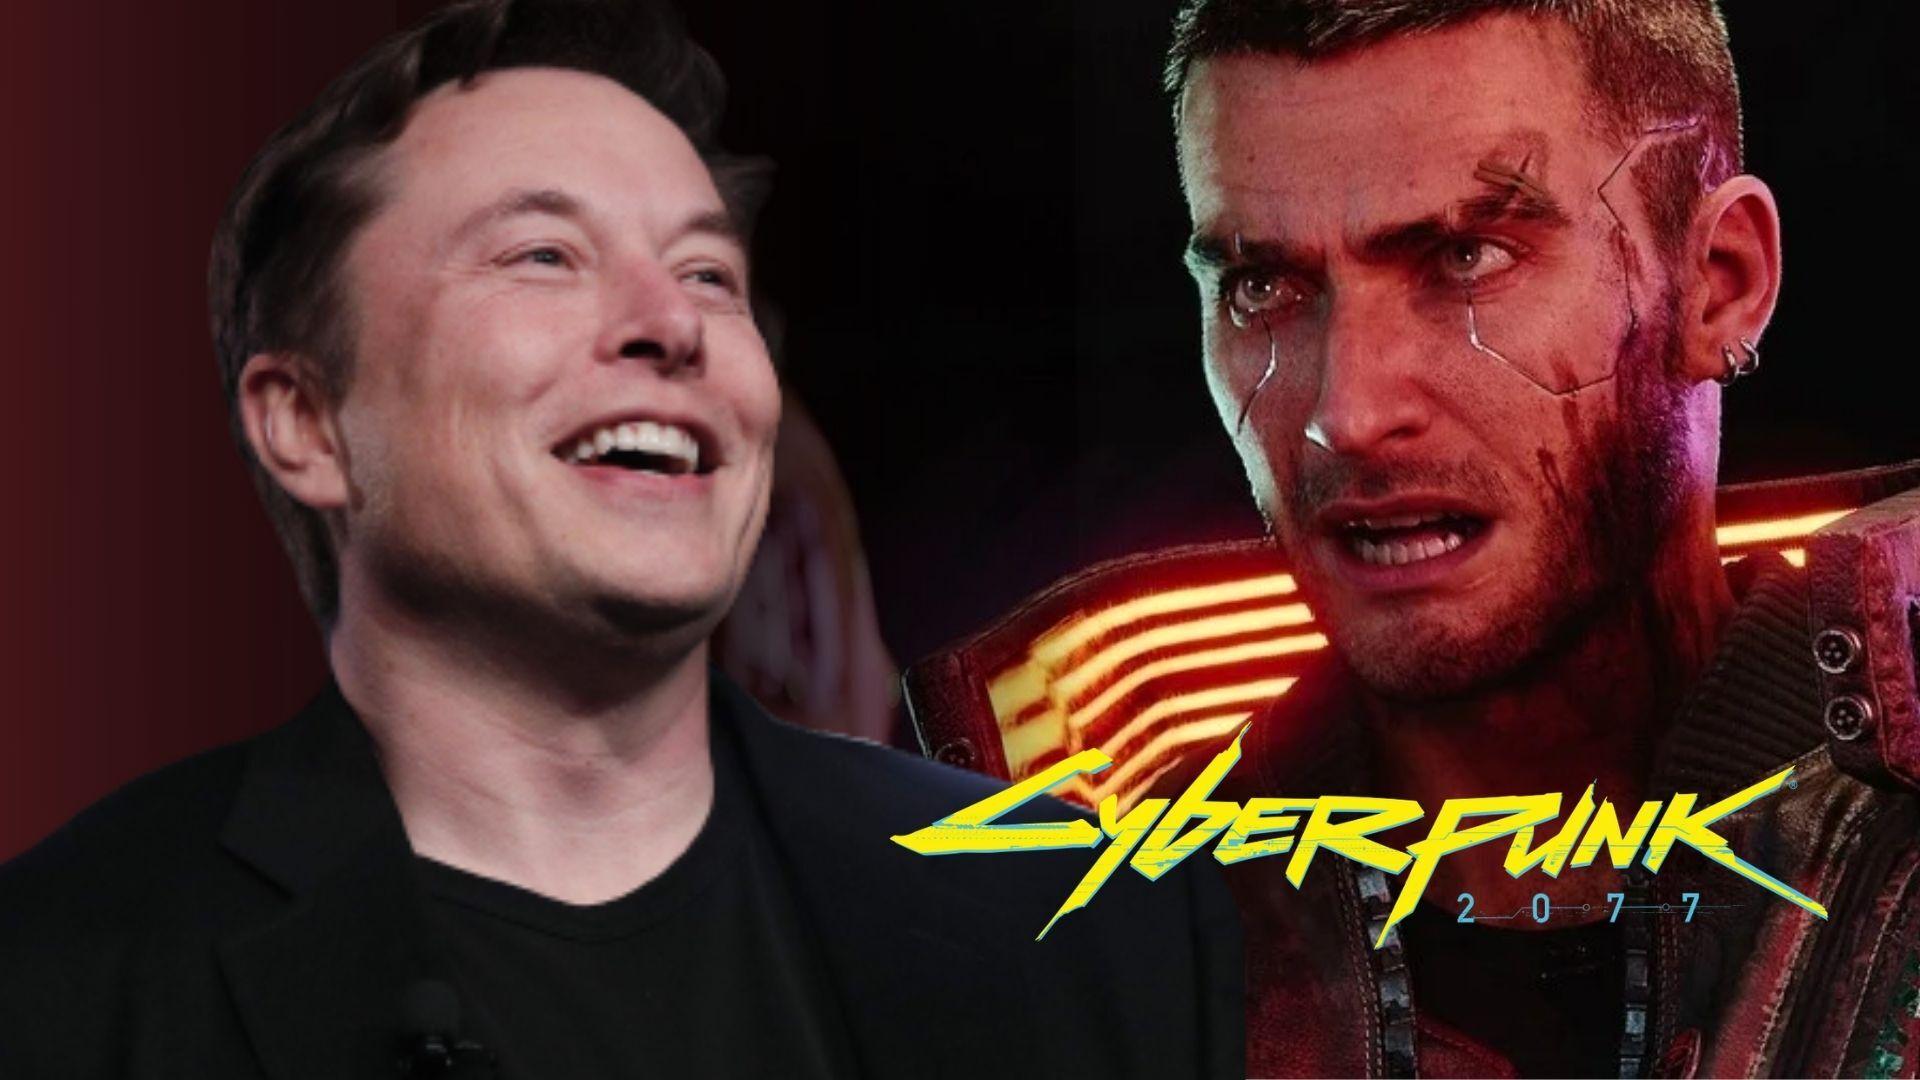 Elon Musk next to an image from Cyberpunk 2077